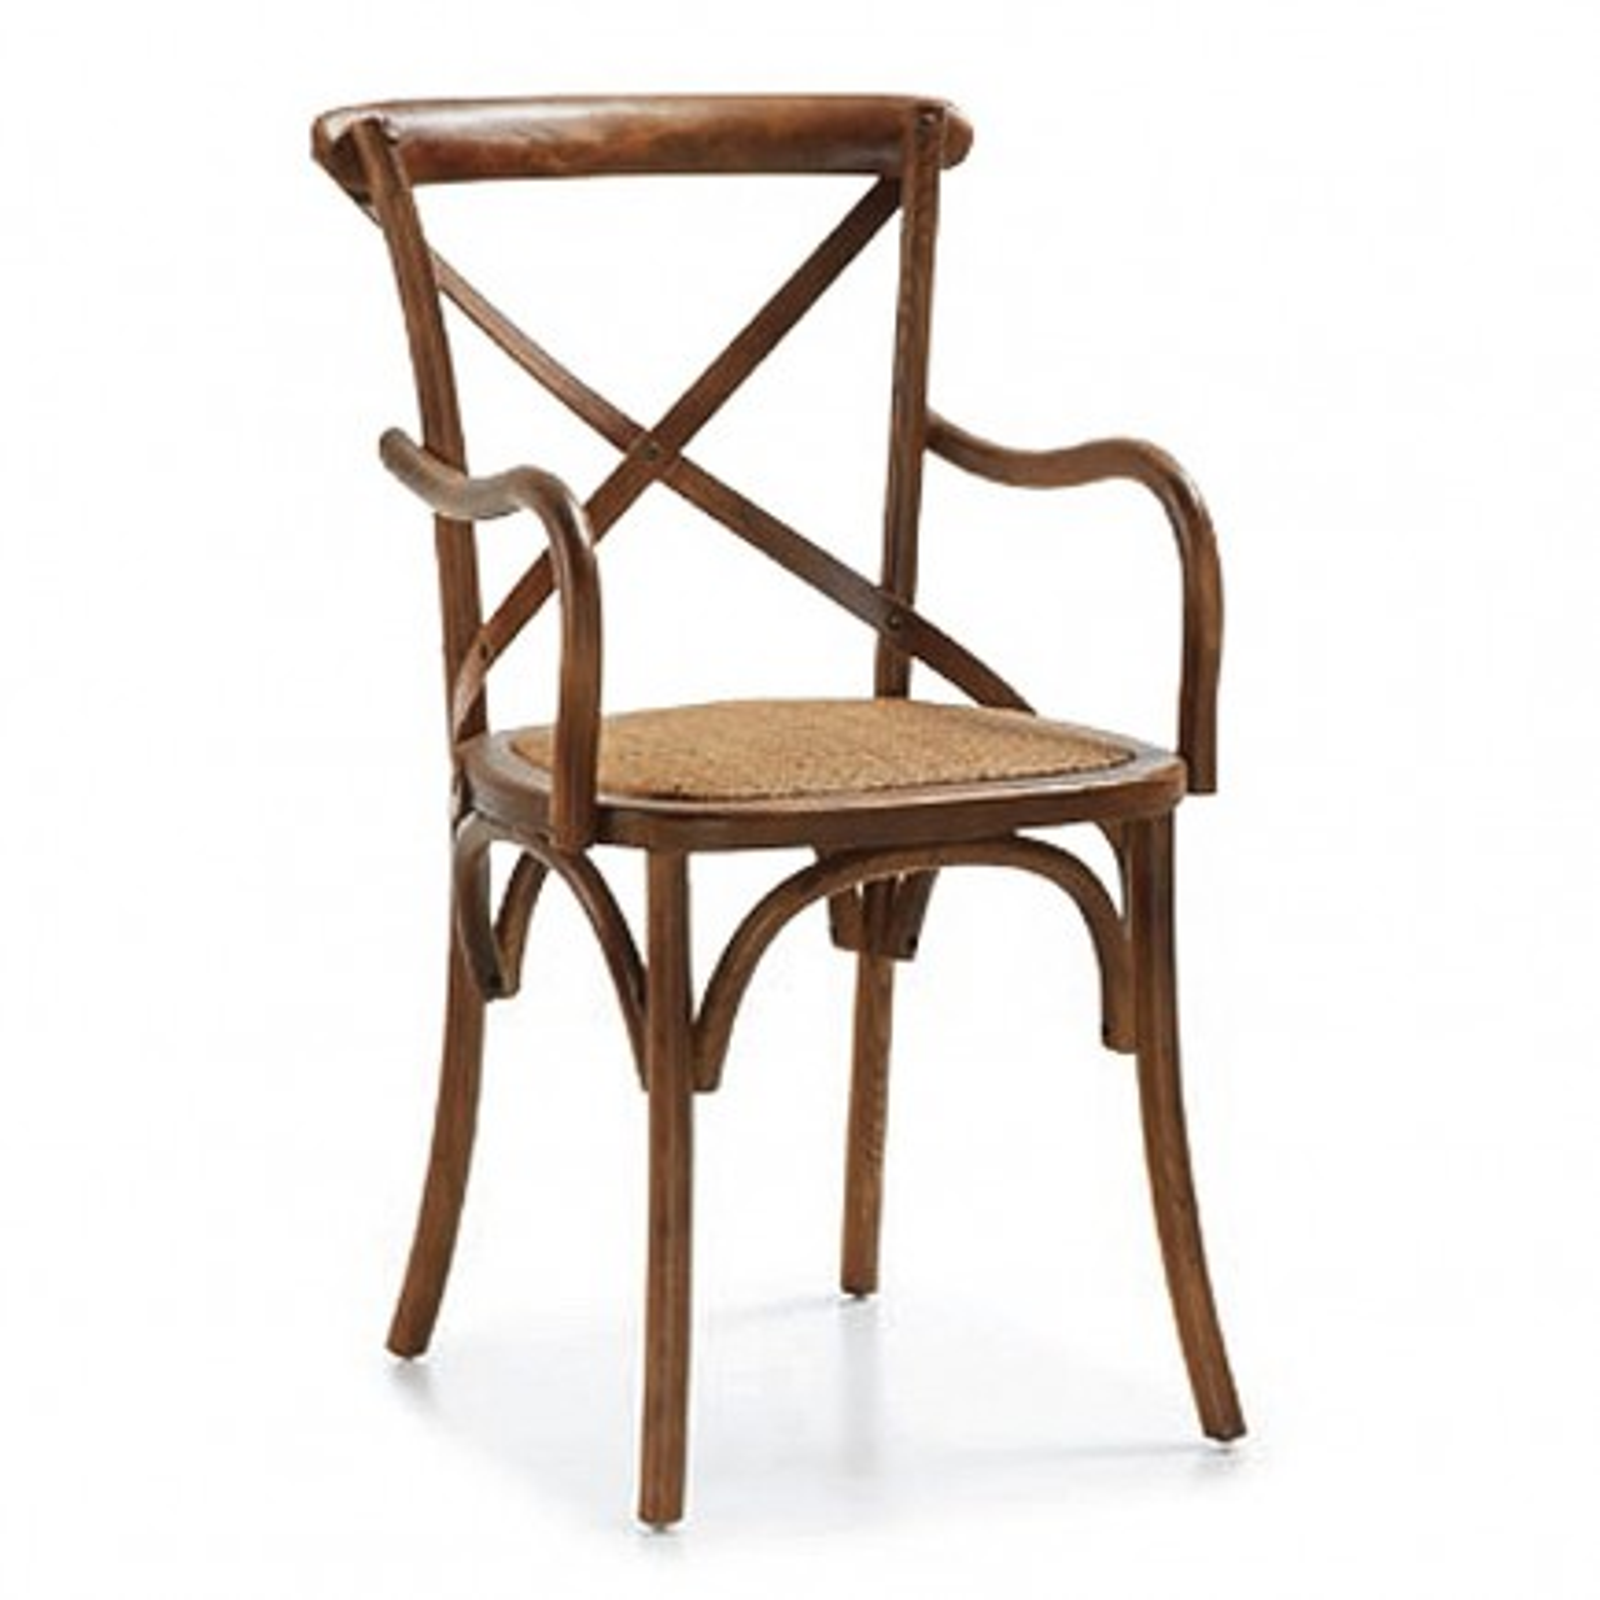 Chaise Accoudoirs Croisillons Tali Mindy - meuble bois exotique